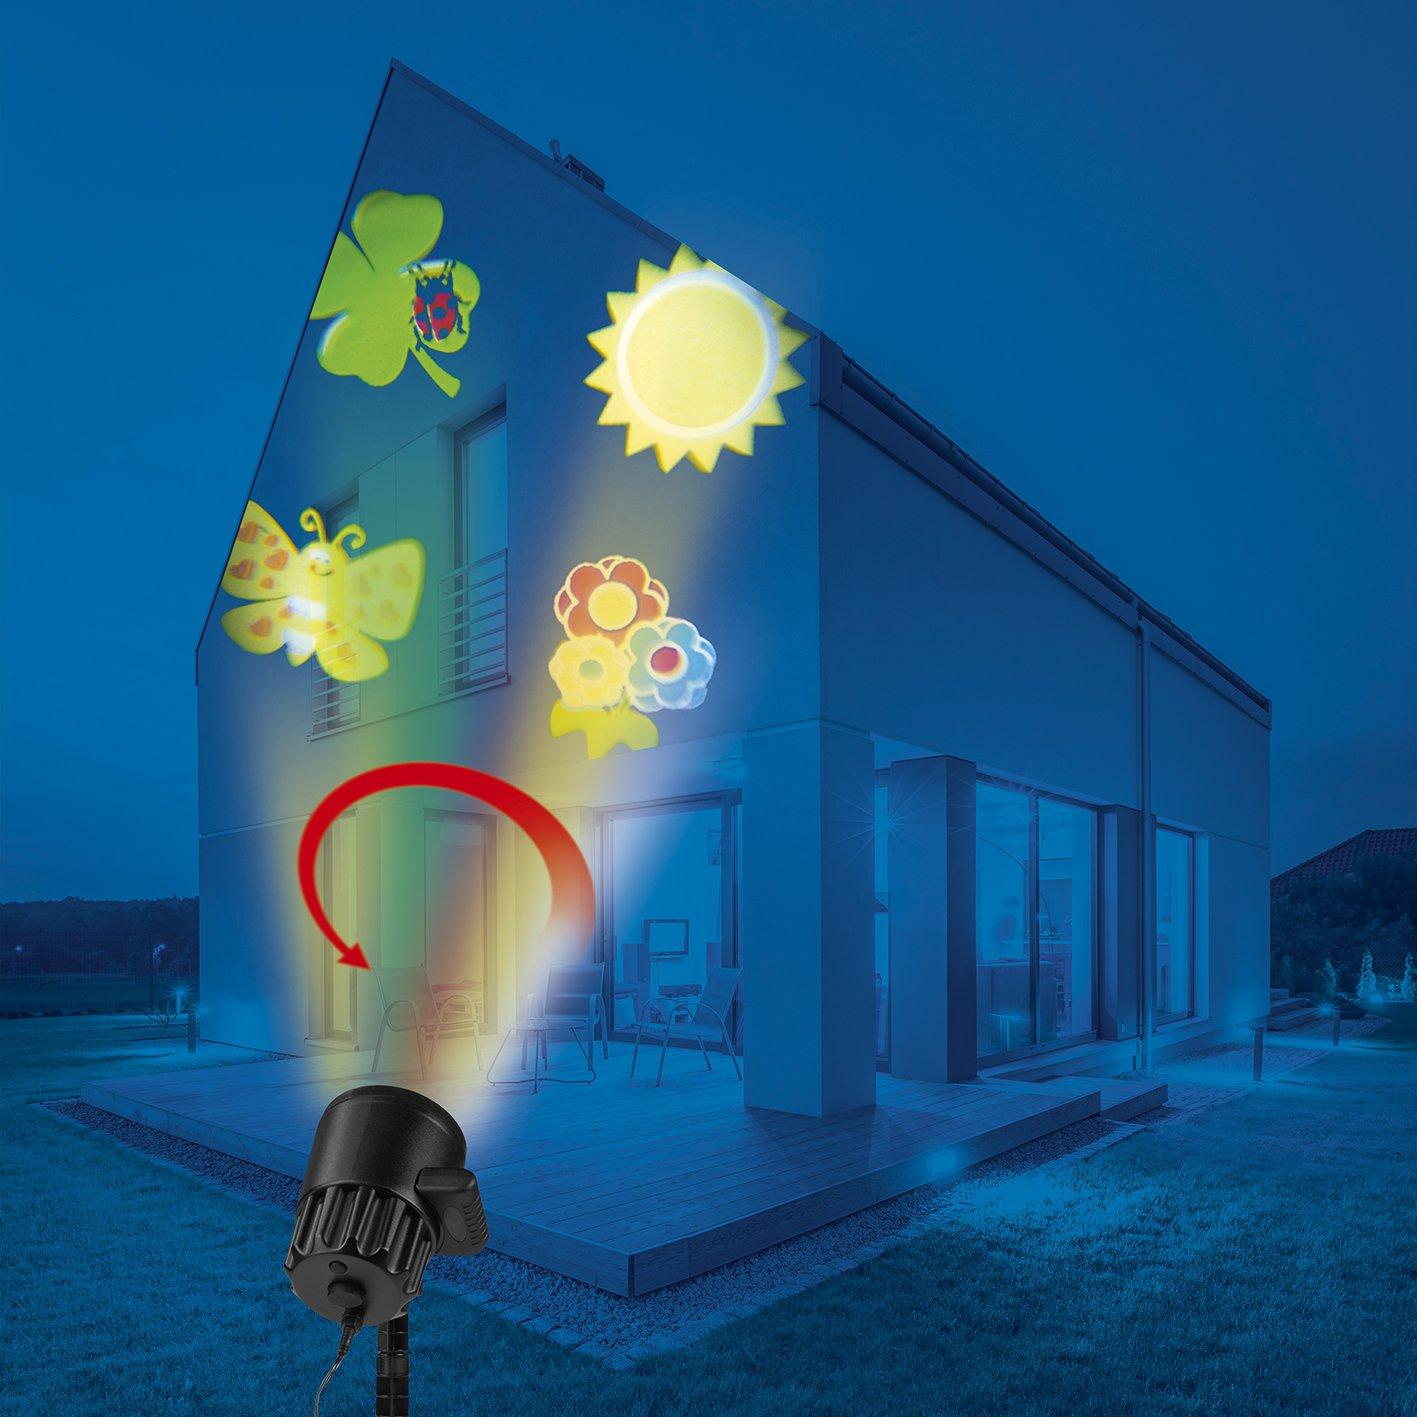 EASYmaxx 06207 LED Projektionslampe Sternenhimmel | Projektor fü r mehrfarbige Lichteffekte | Beleuchtung mit Farbwechsel & Fernbedienung | Wasserdicht